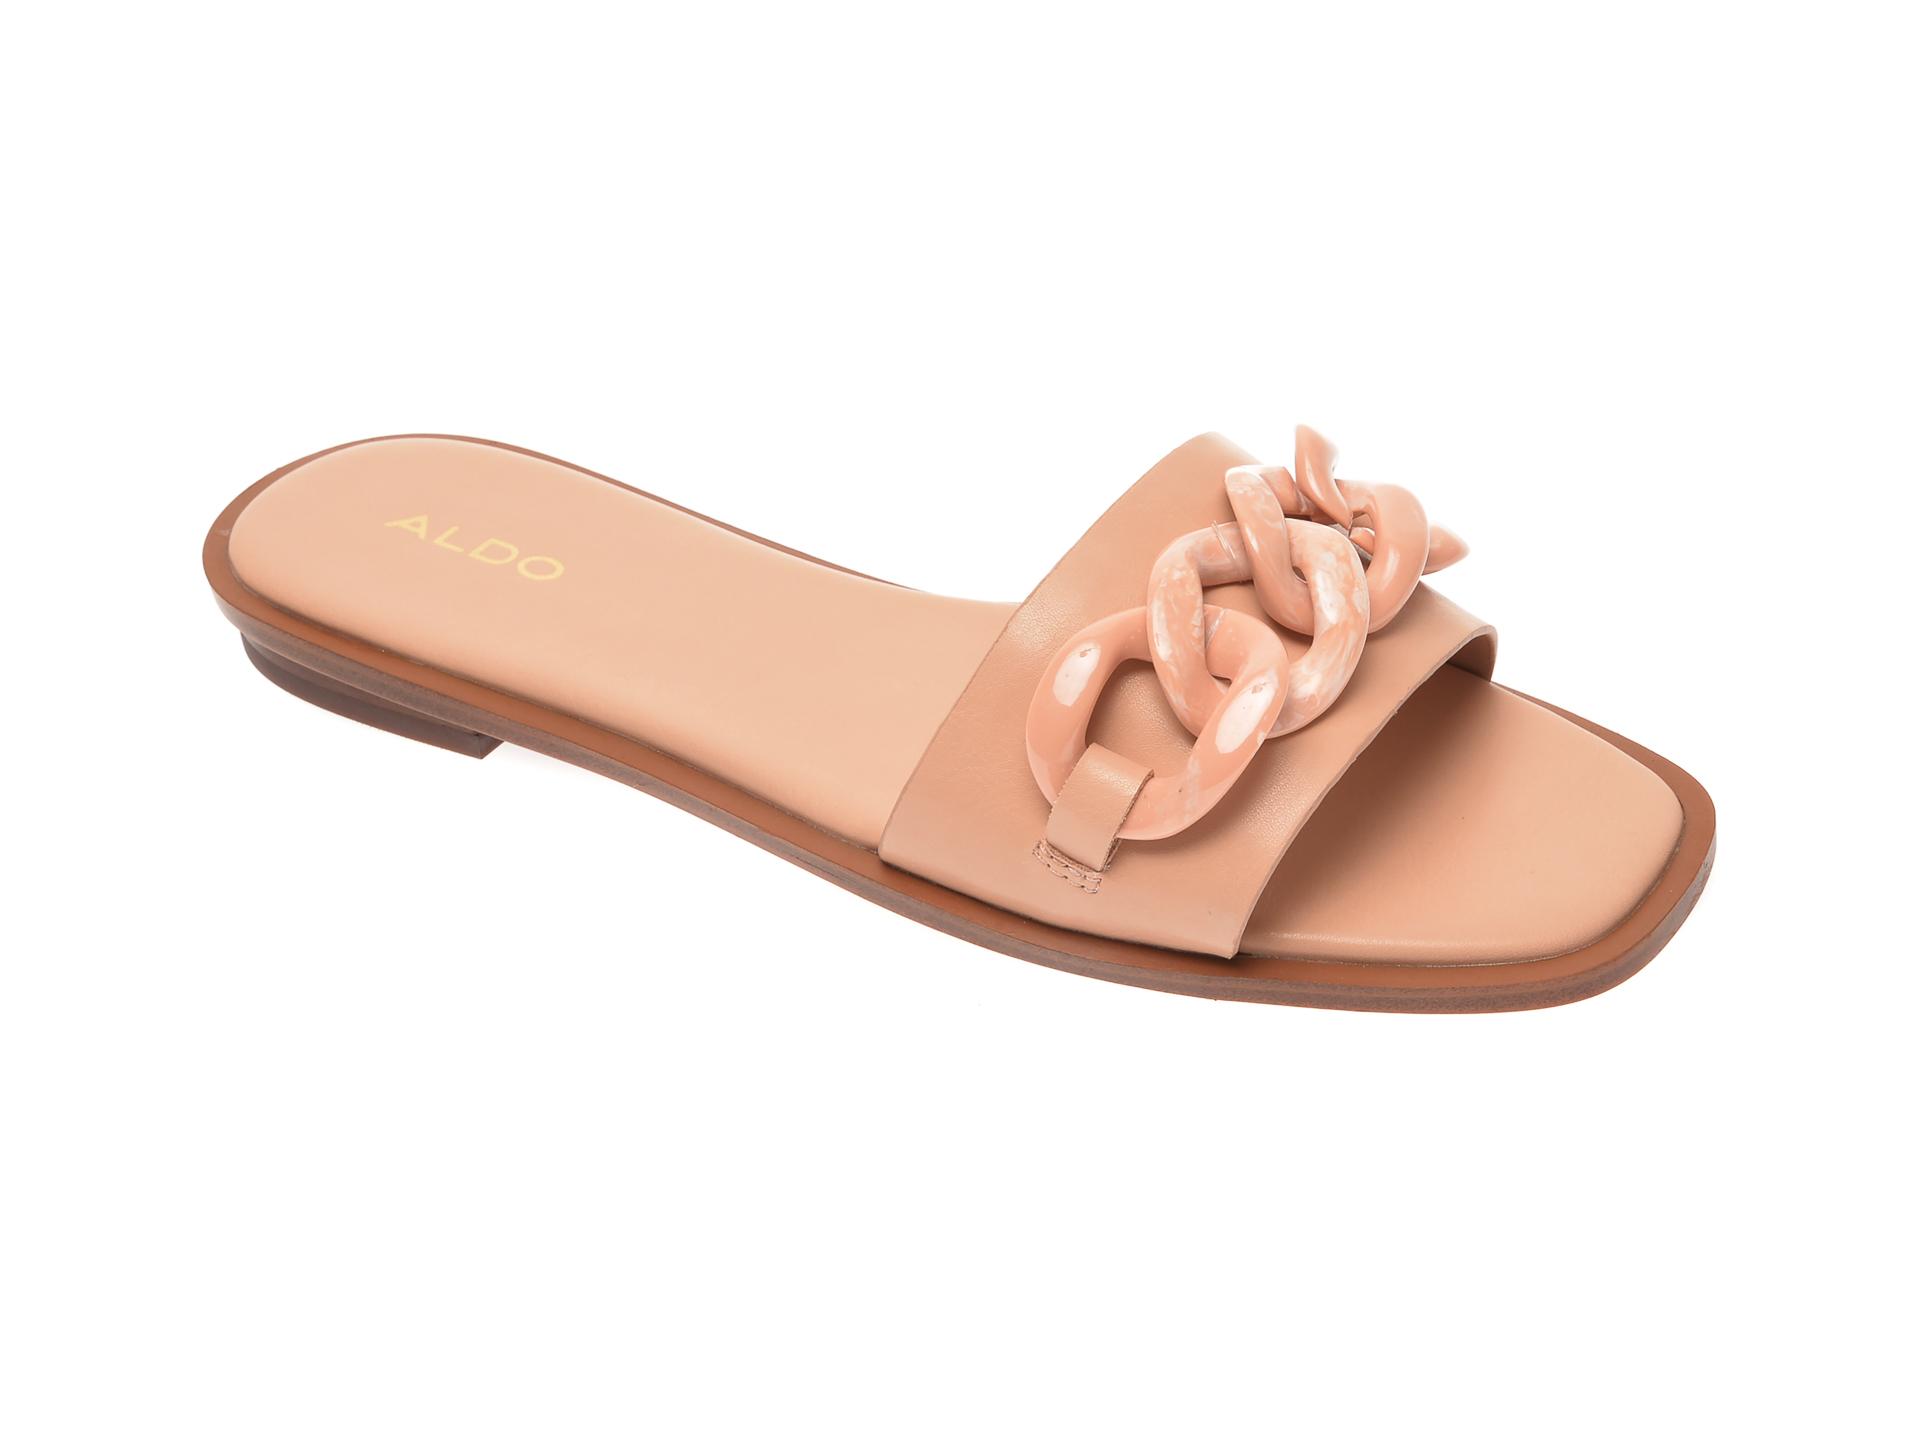 Papuci ALDO nude, Jubel270, din piele ecologica imagine otter.ro